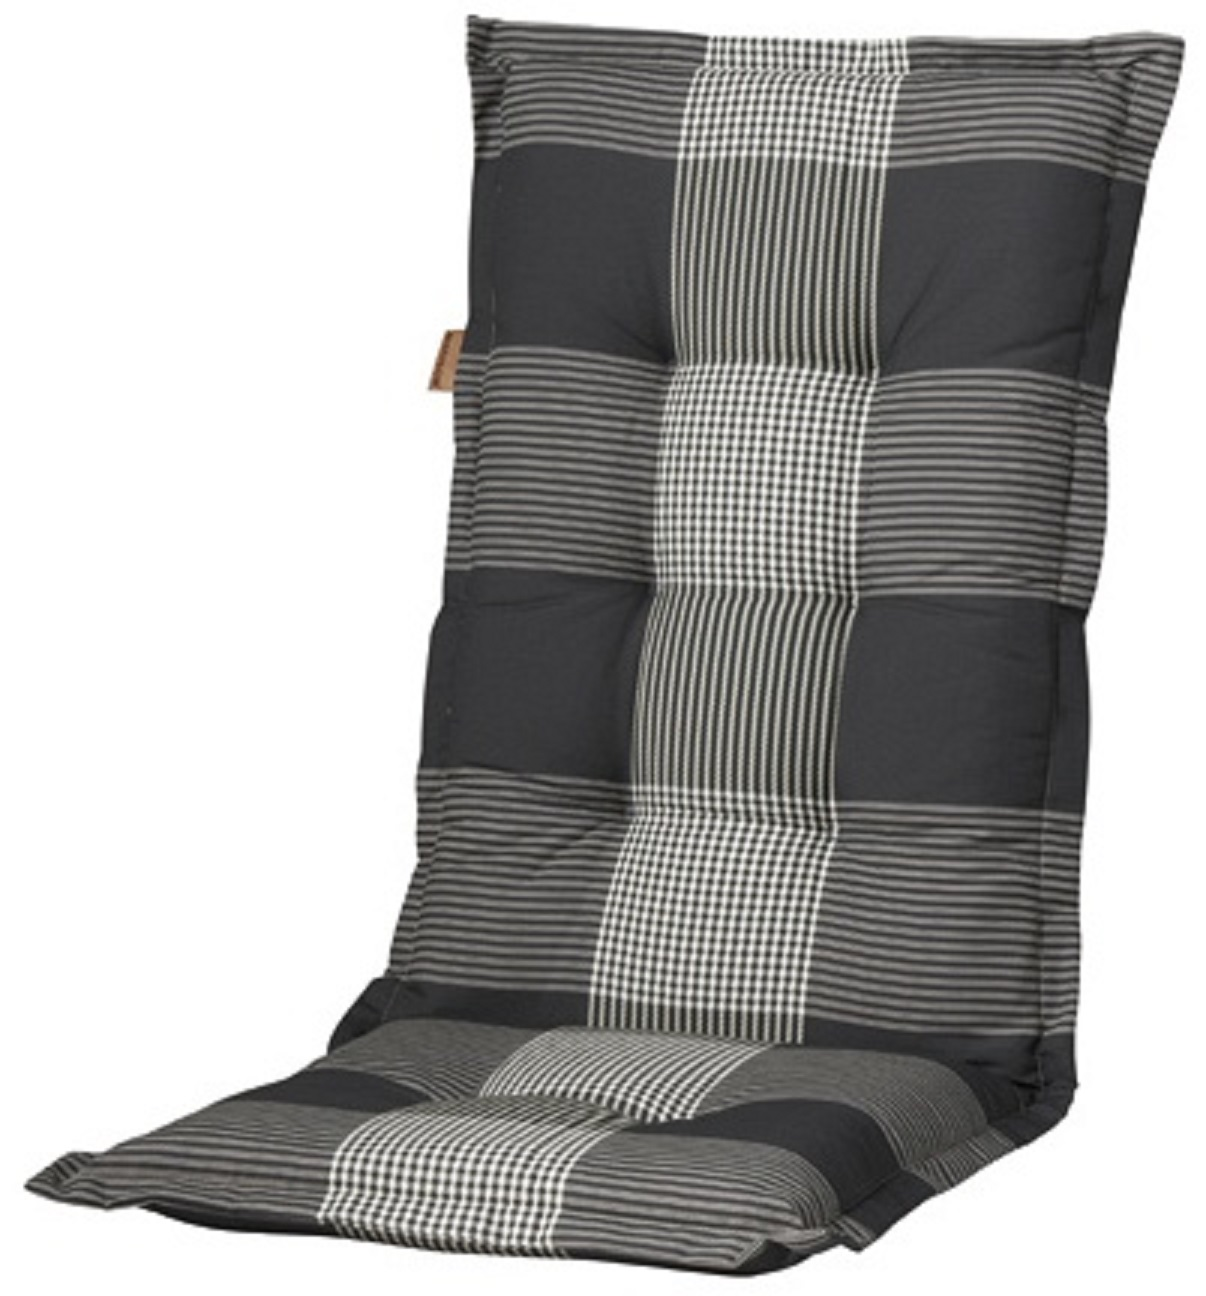 c184 hochlehner gartenstuhl auflagen 120x50x8cm grau. Black Bedroom Furniture Sets. Home Design Ideas